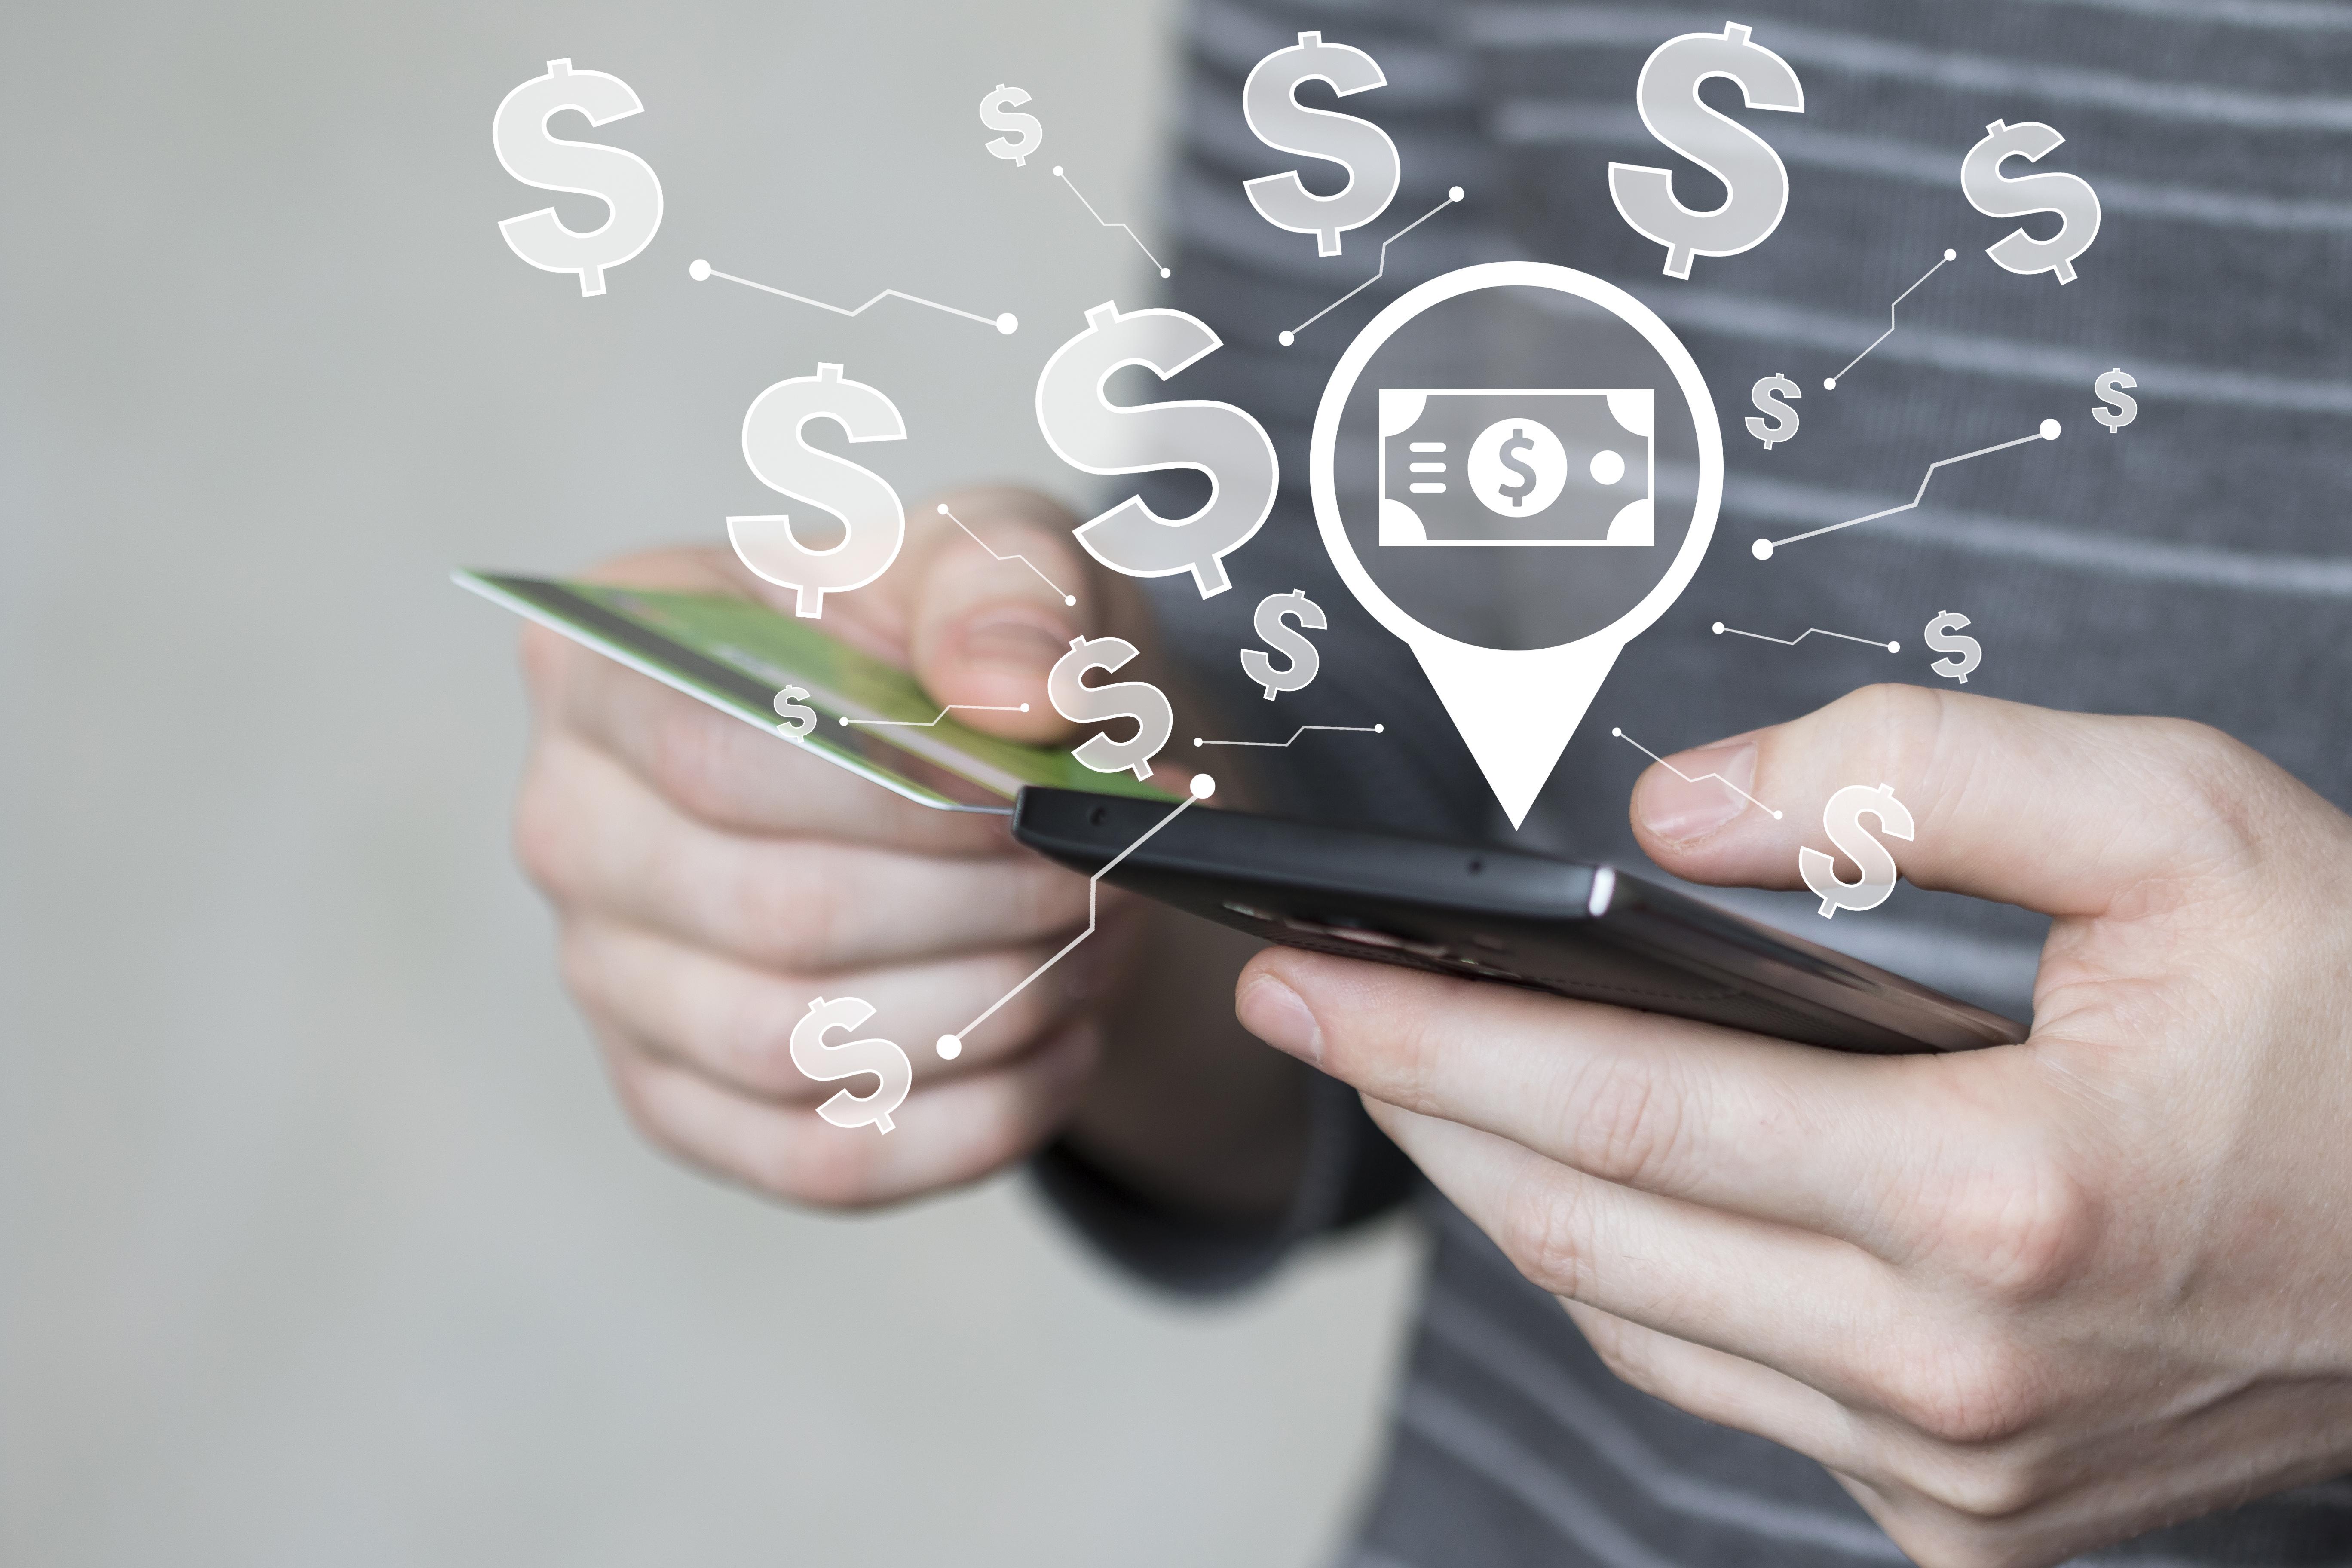 Um novo jeito de se relacionar com o dinheiro3 min read